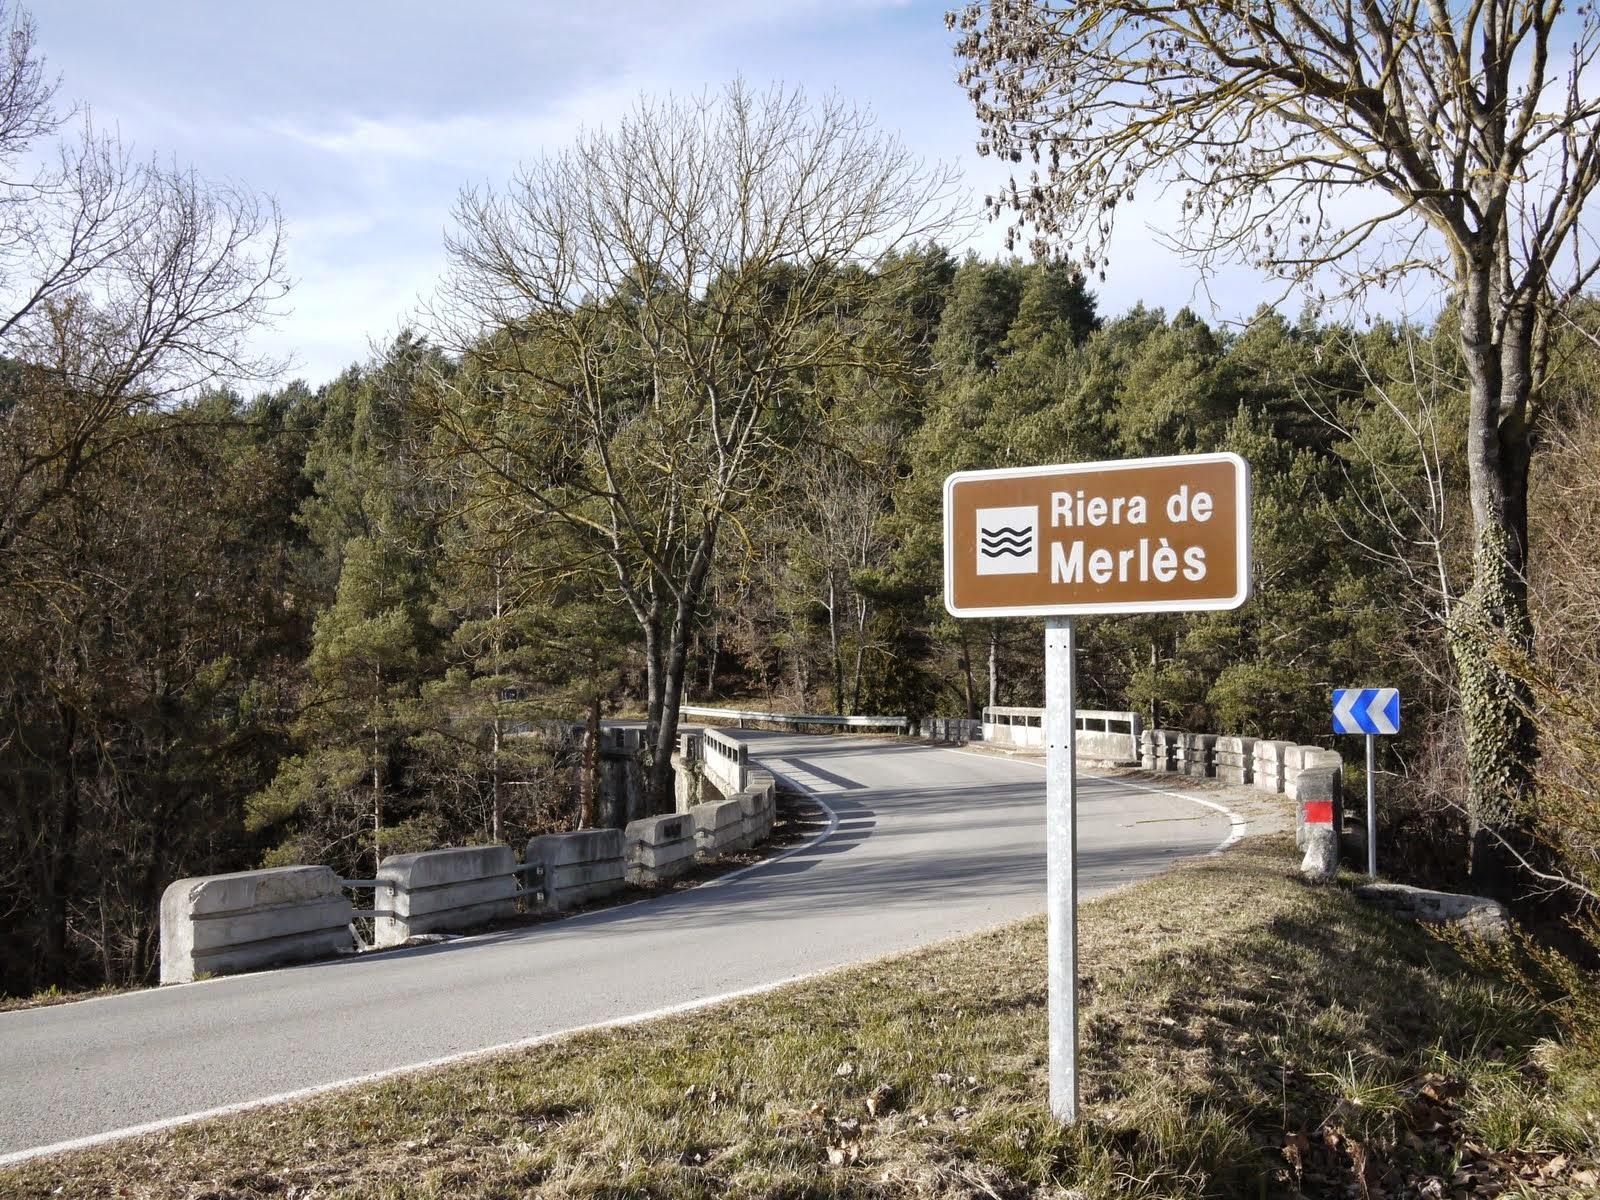 Sta. Maria de Merlès